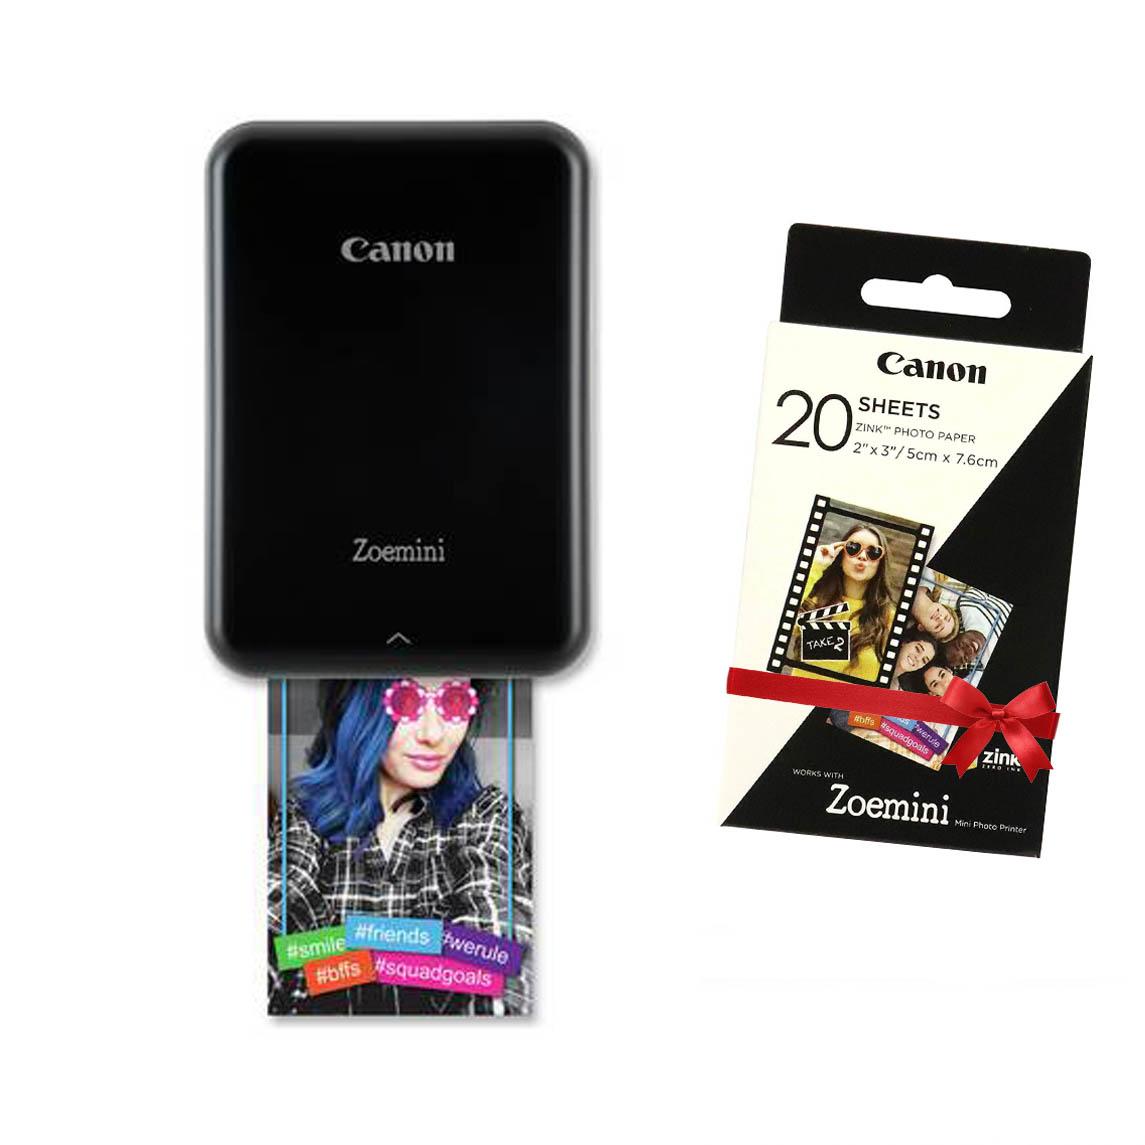 Canon Zoemini Fotoprinter Black